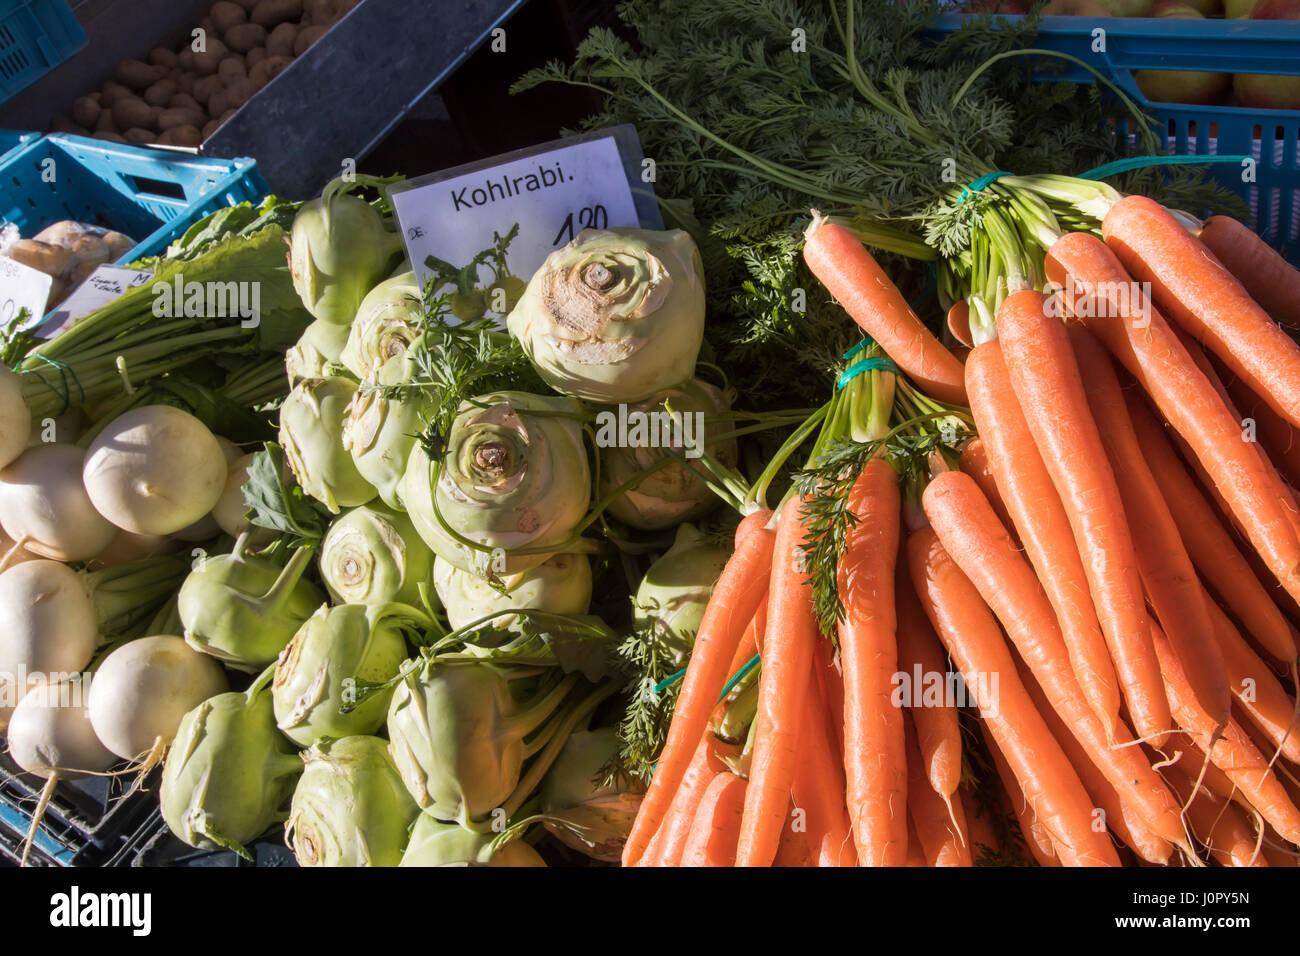 Wochenmarkt Marktstand Frisches Gemüse Möhren Kohlrabi Stamm